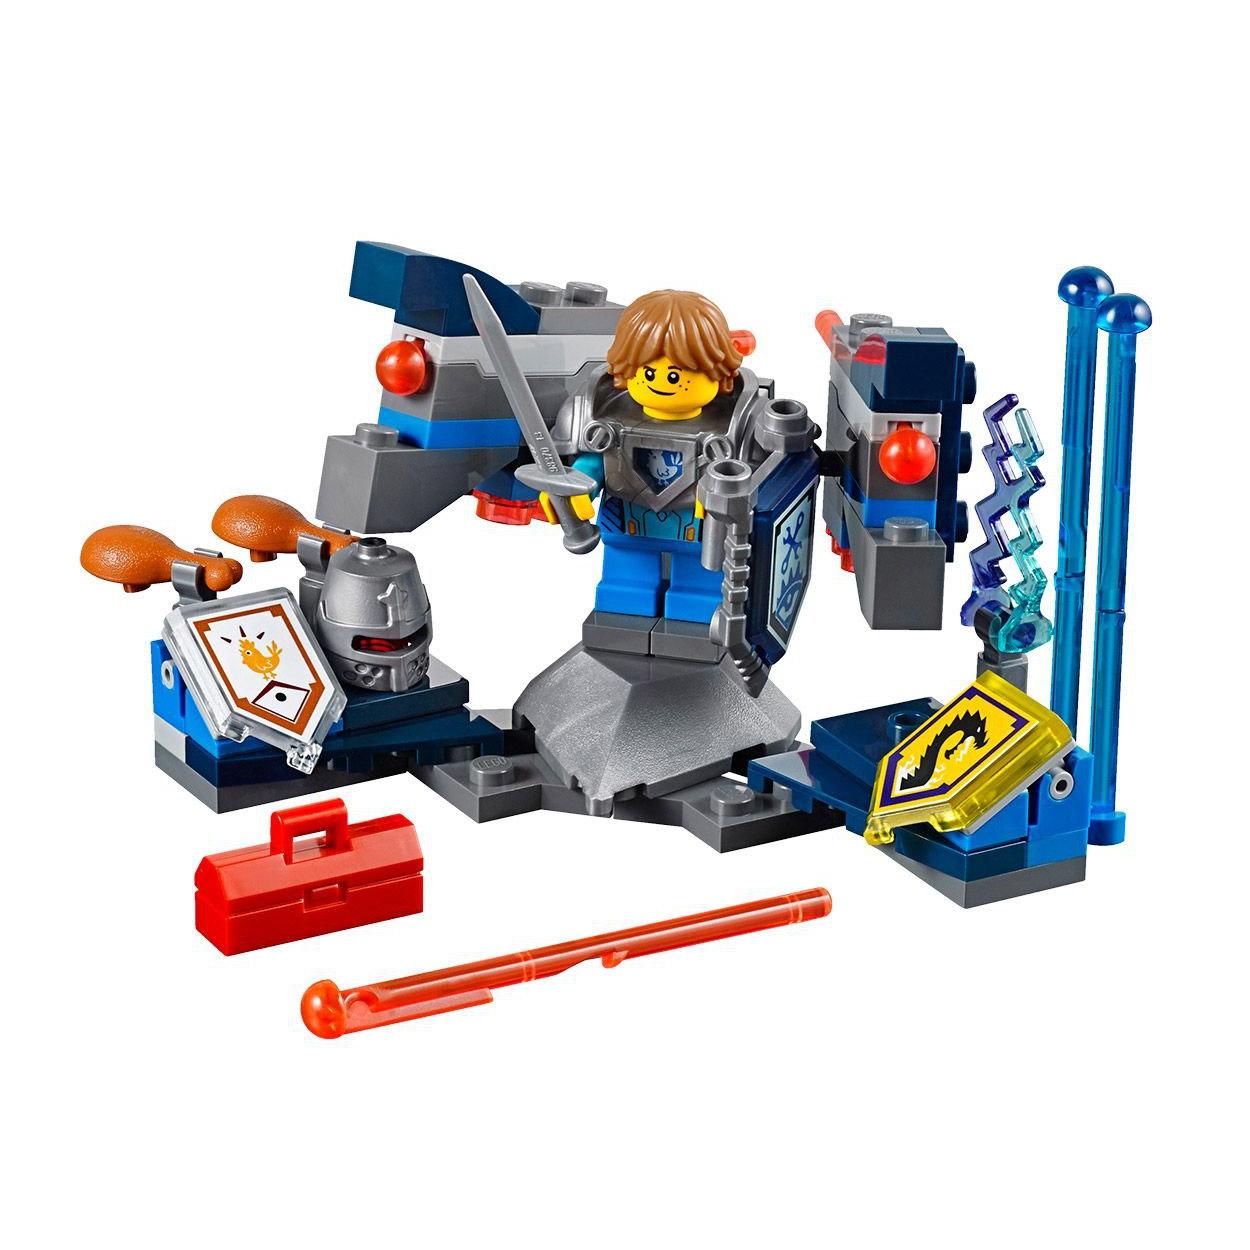 70333 Lego KnightsRobin L'ultime Chevalier Nexo b67fgy